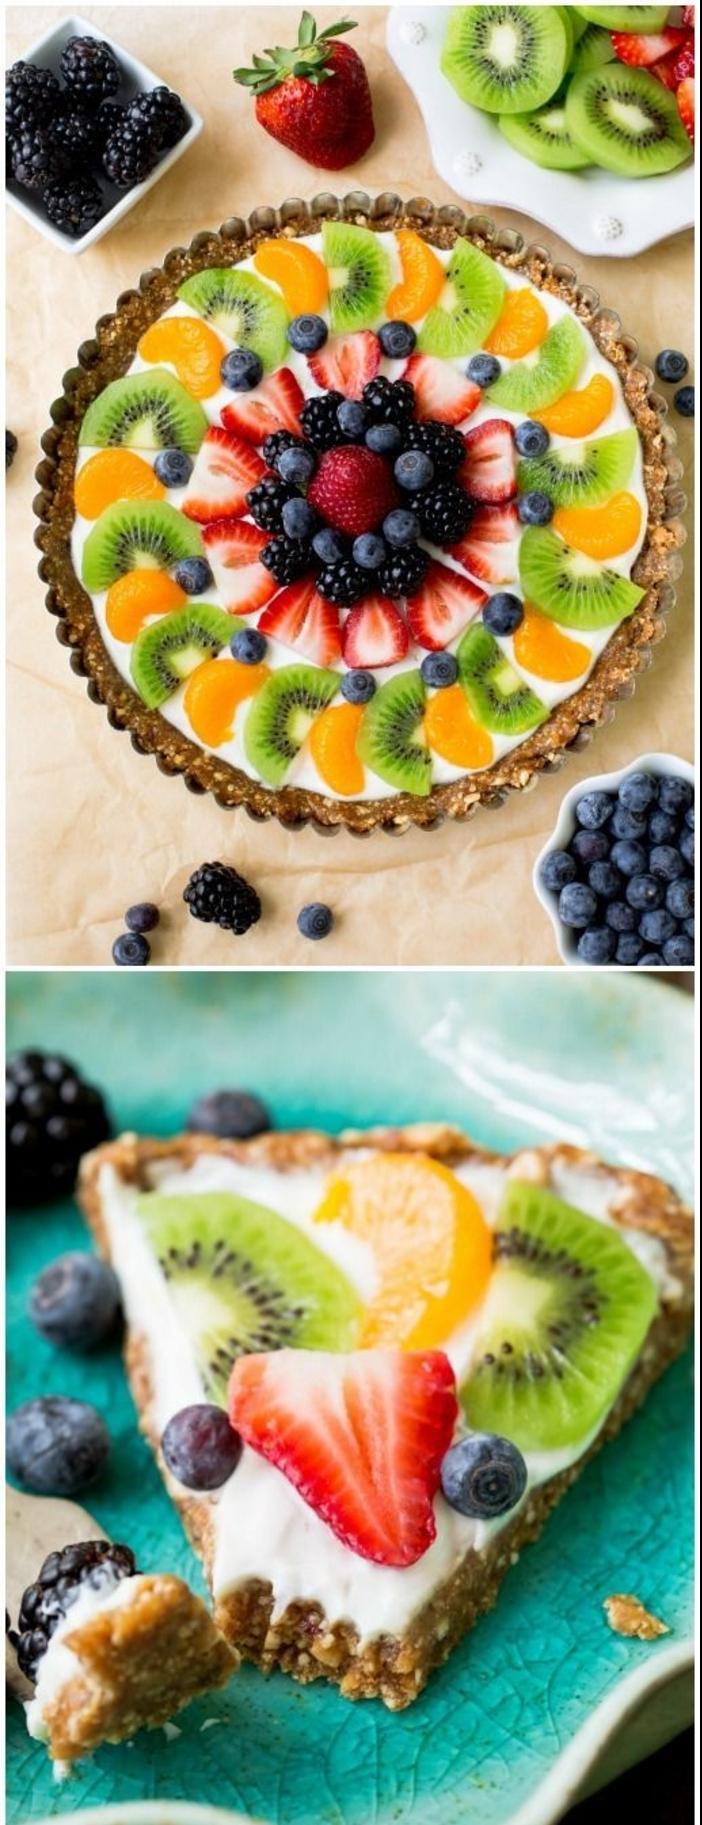 Beau gâteau aux fruits rouges manger bouger bon